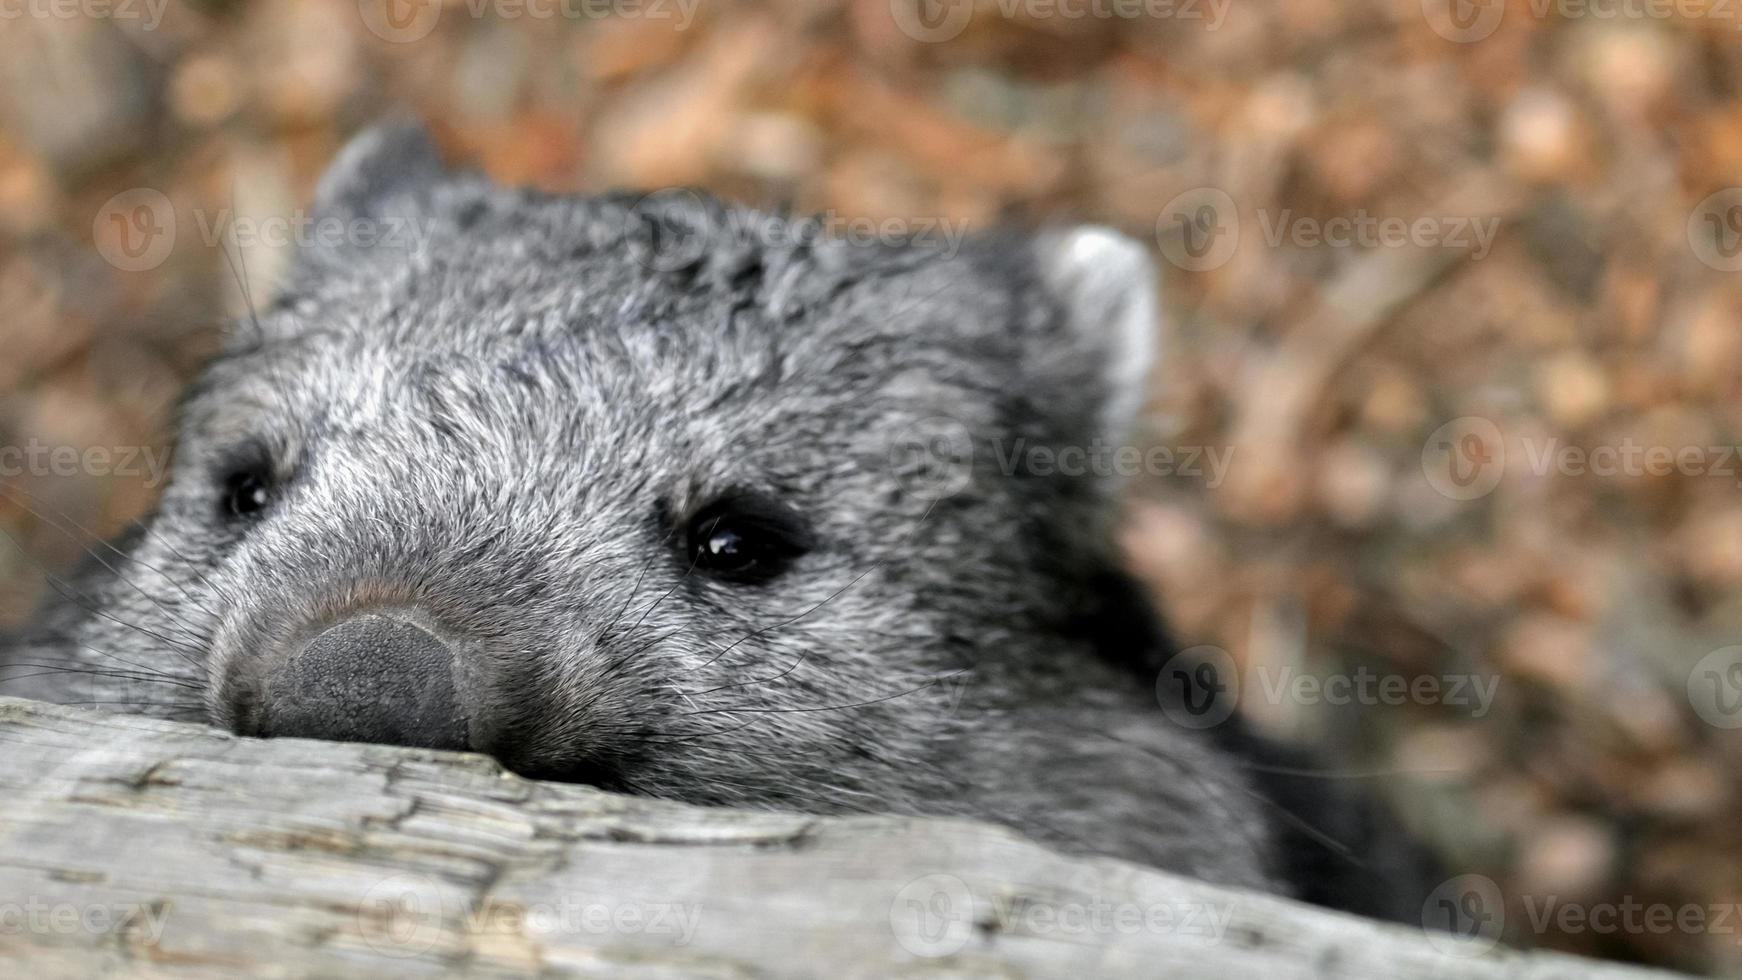 hinterhältiger Wombat, der über den Zaun schaut foto